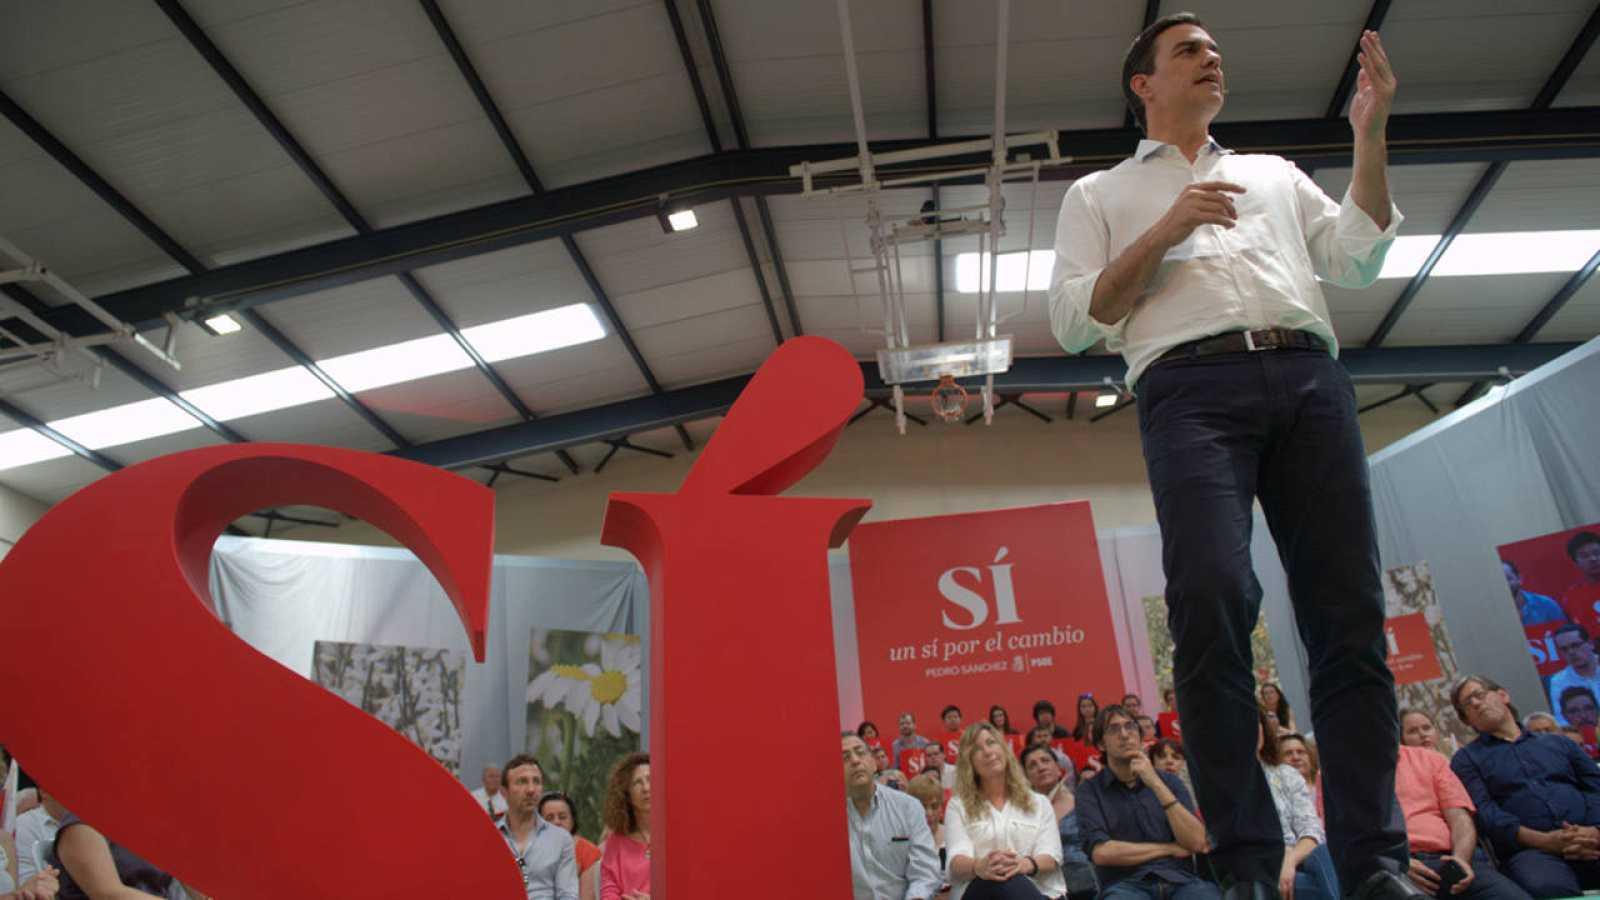 El candidato socialista a la presidencia del Gobierno, Pedro Sánchez, durante un acto político en Palma de Mallorca